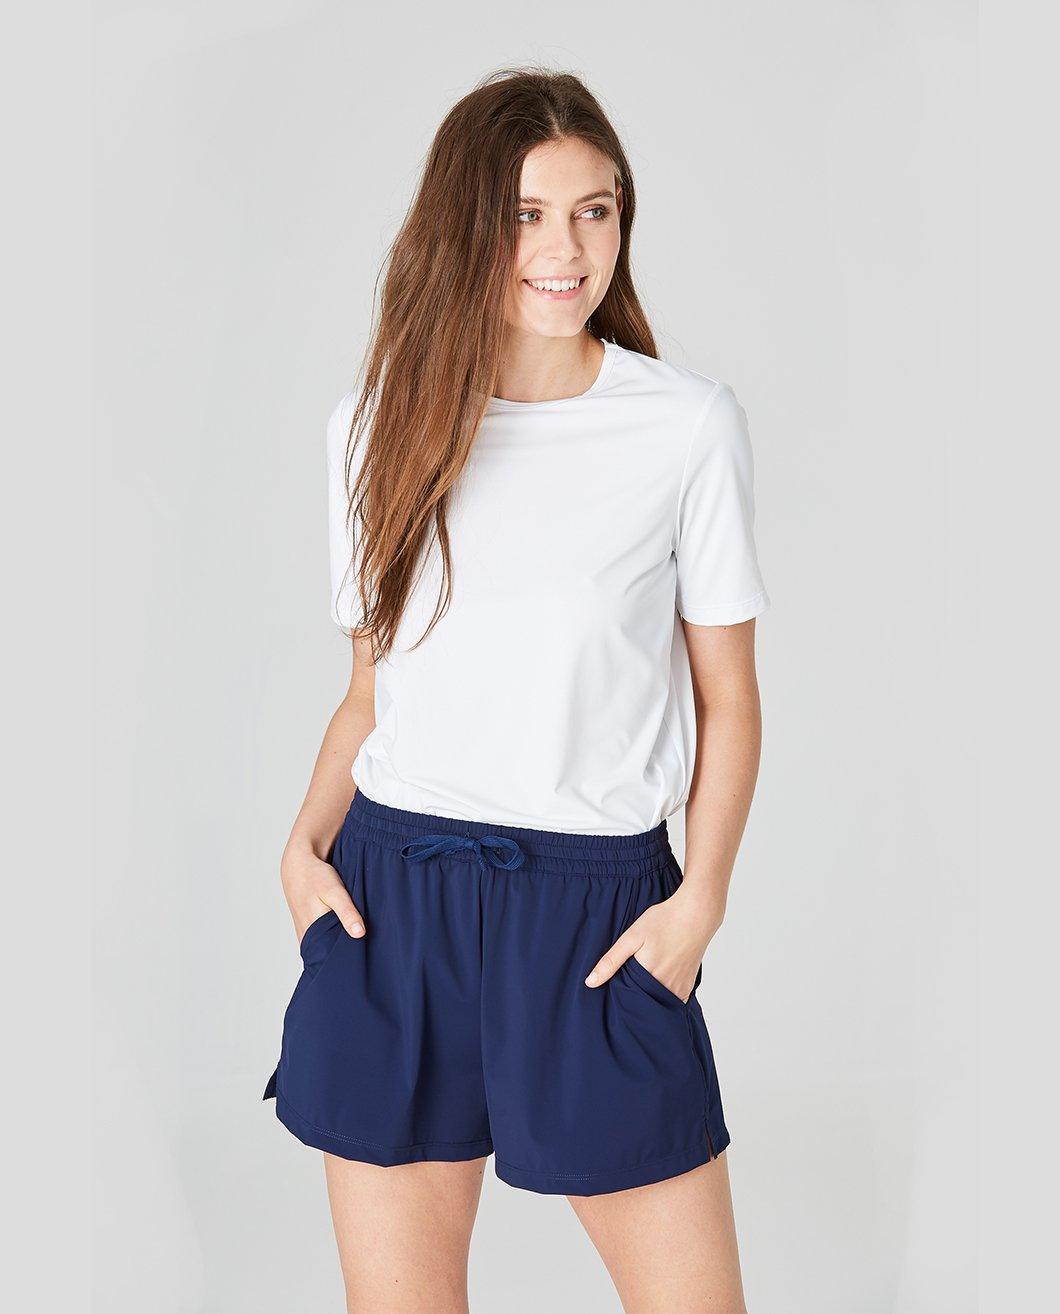 ZANNI-SS19-Shorts-nv-2_530x@2x.jpg